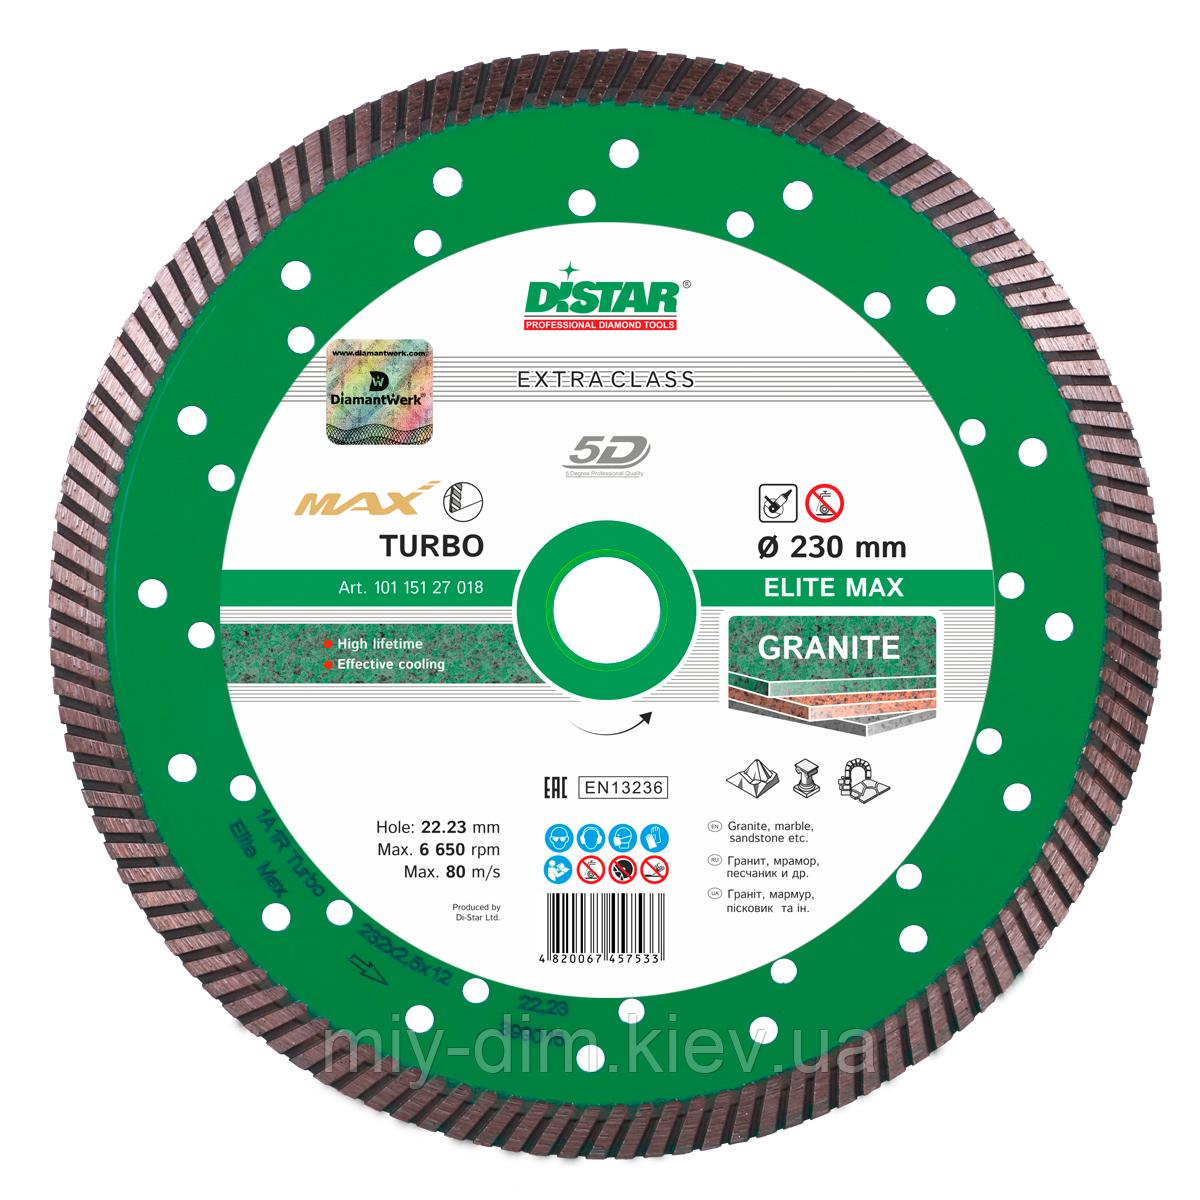 Алмазний диск DISTAR 232мм TURBO 5D, граніт, мармур, 1A1R Elite Max / 10115127018